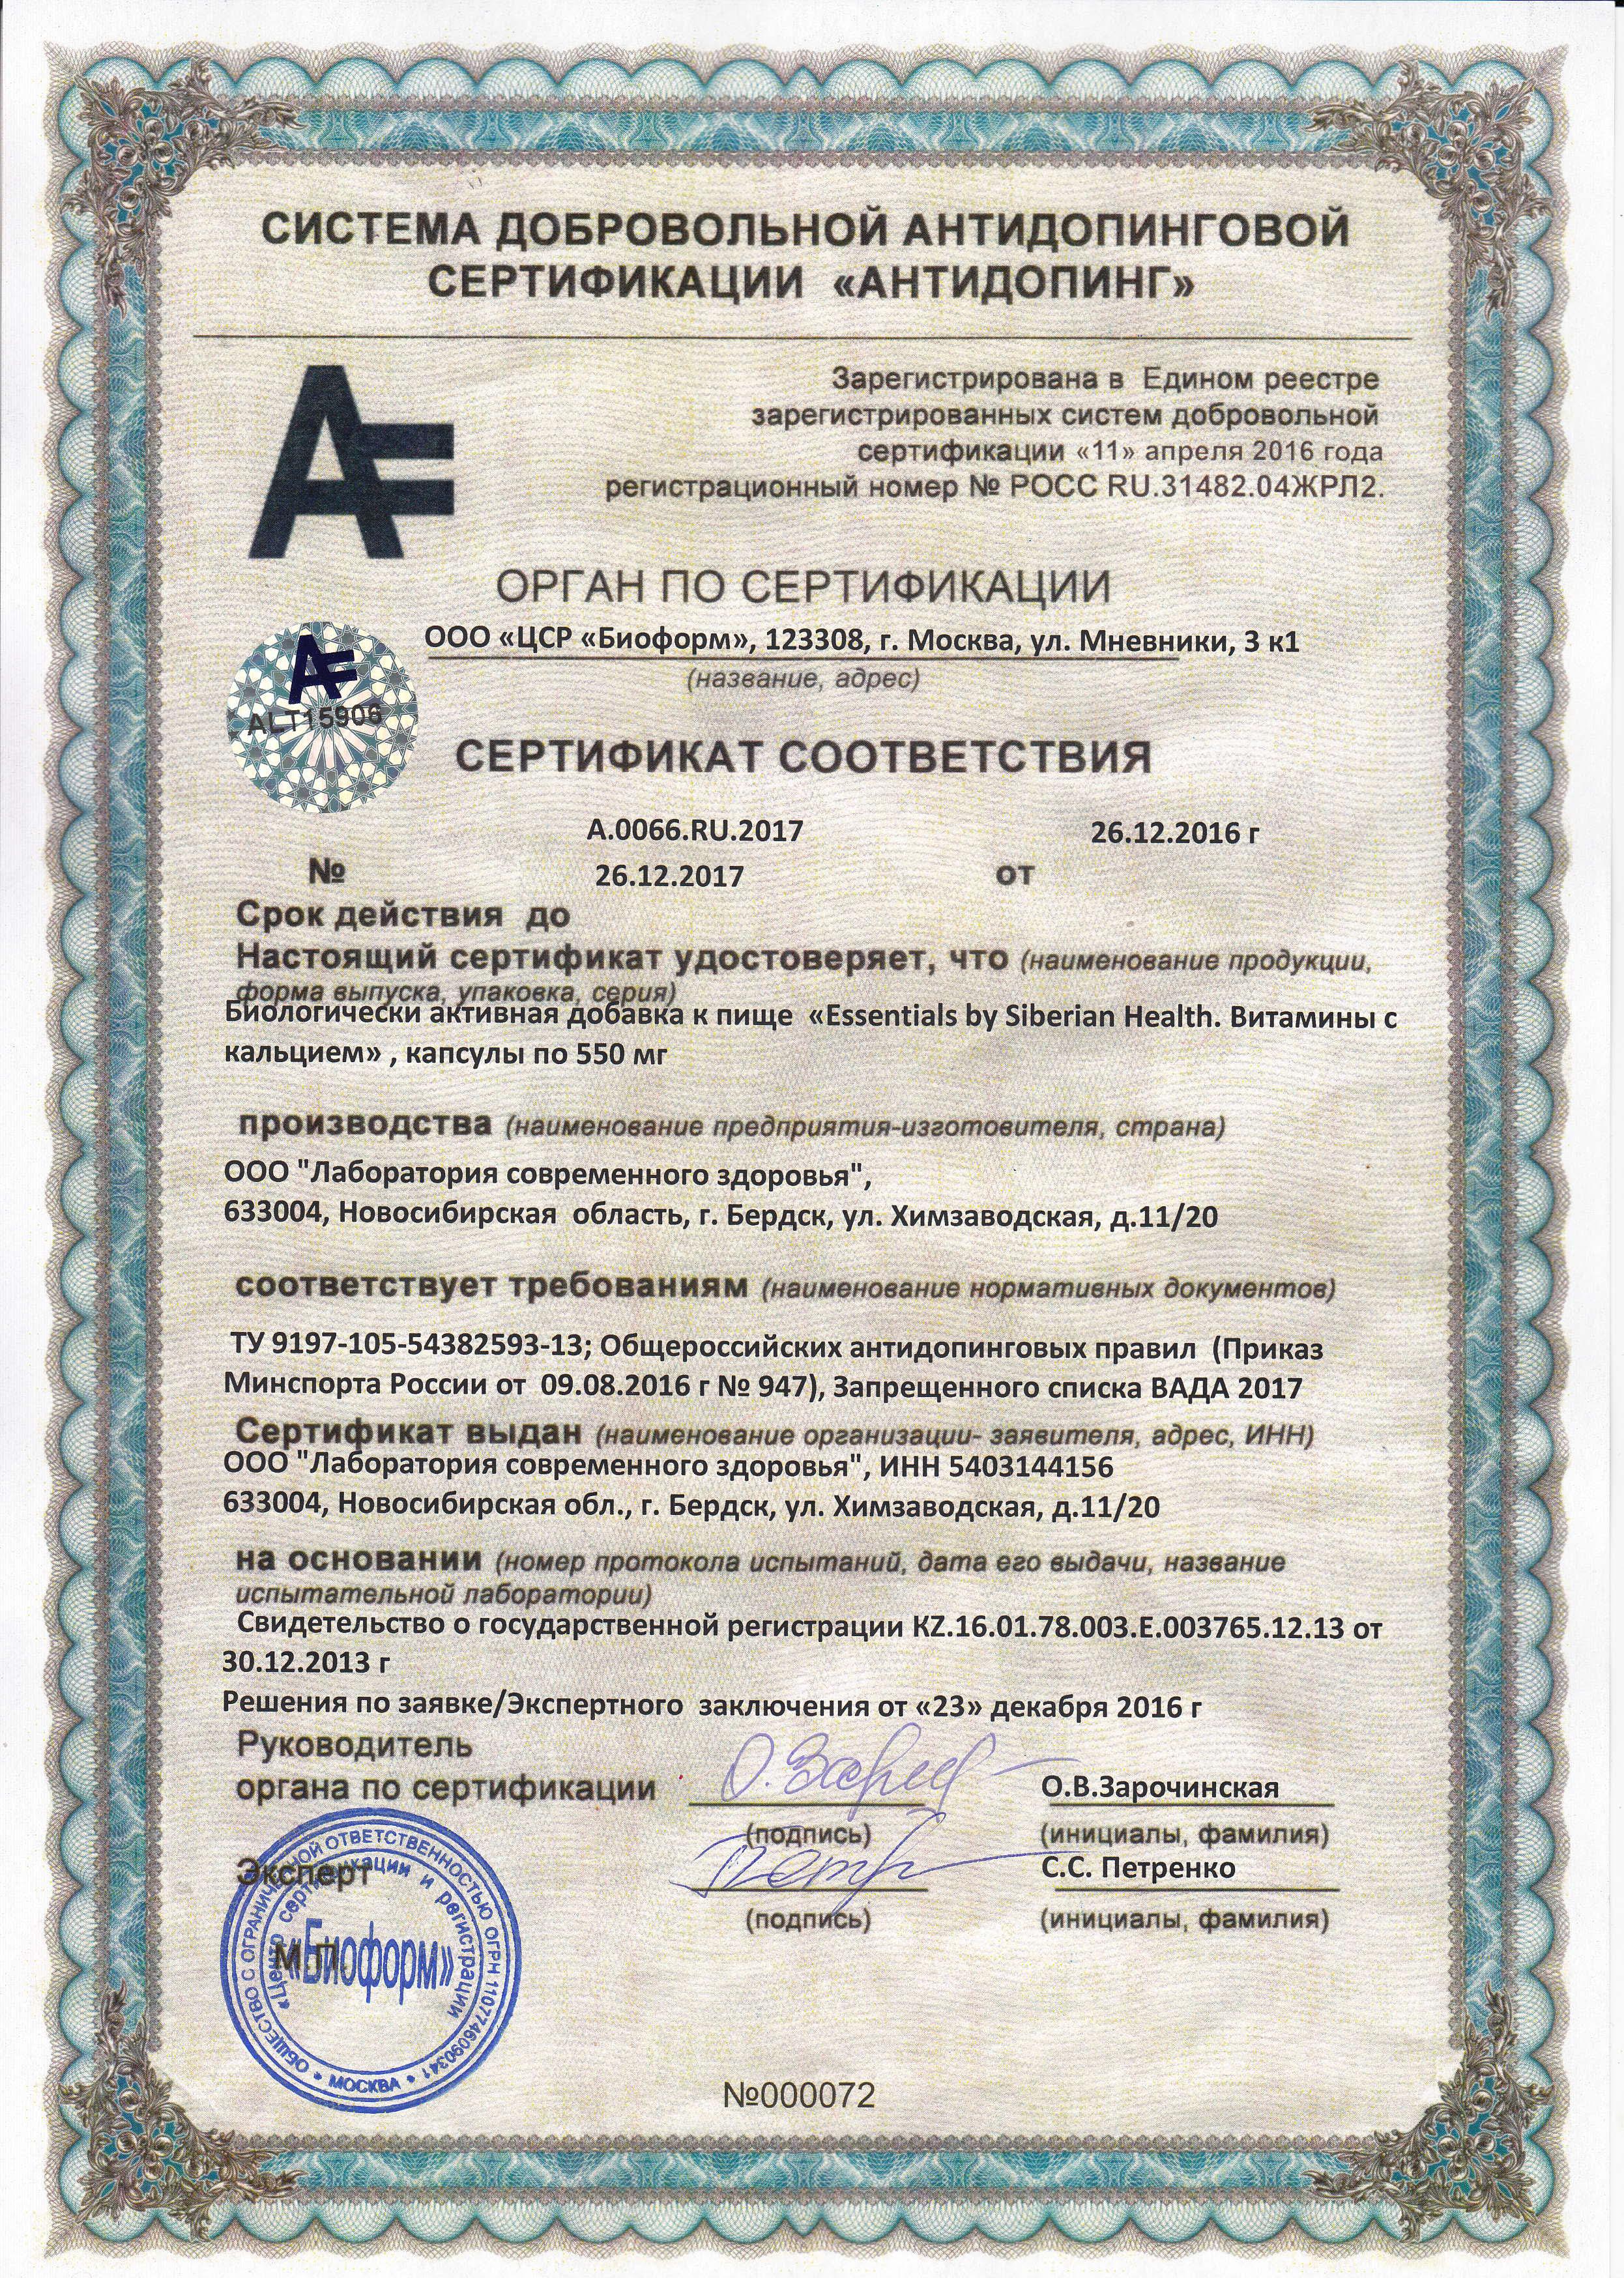 Антидопинговый сертификат